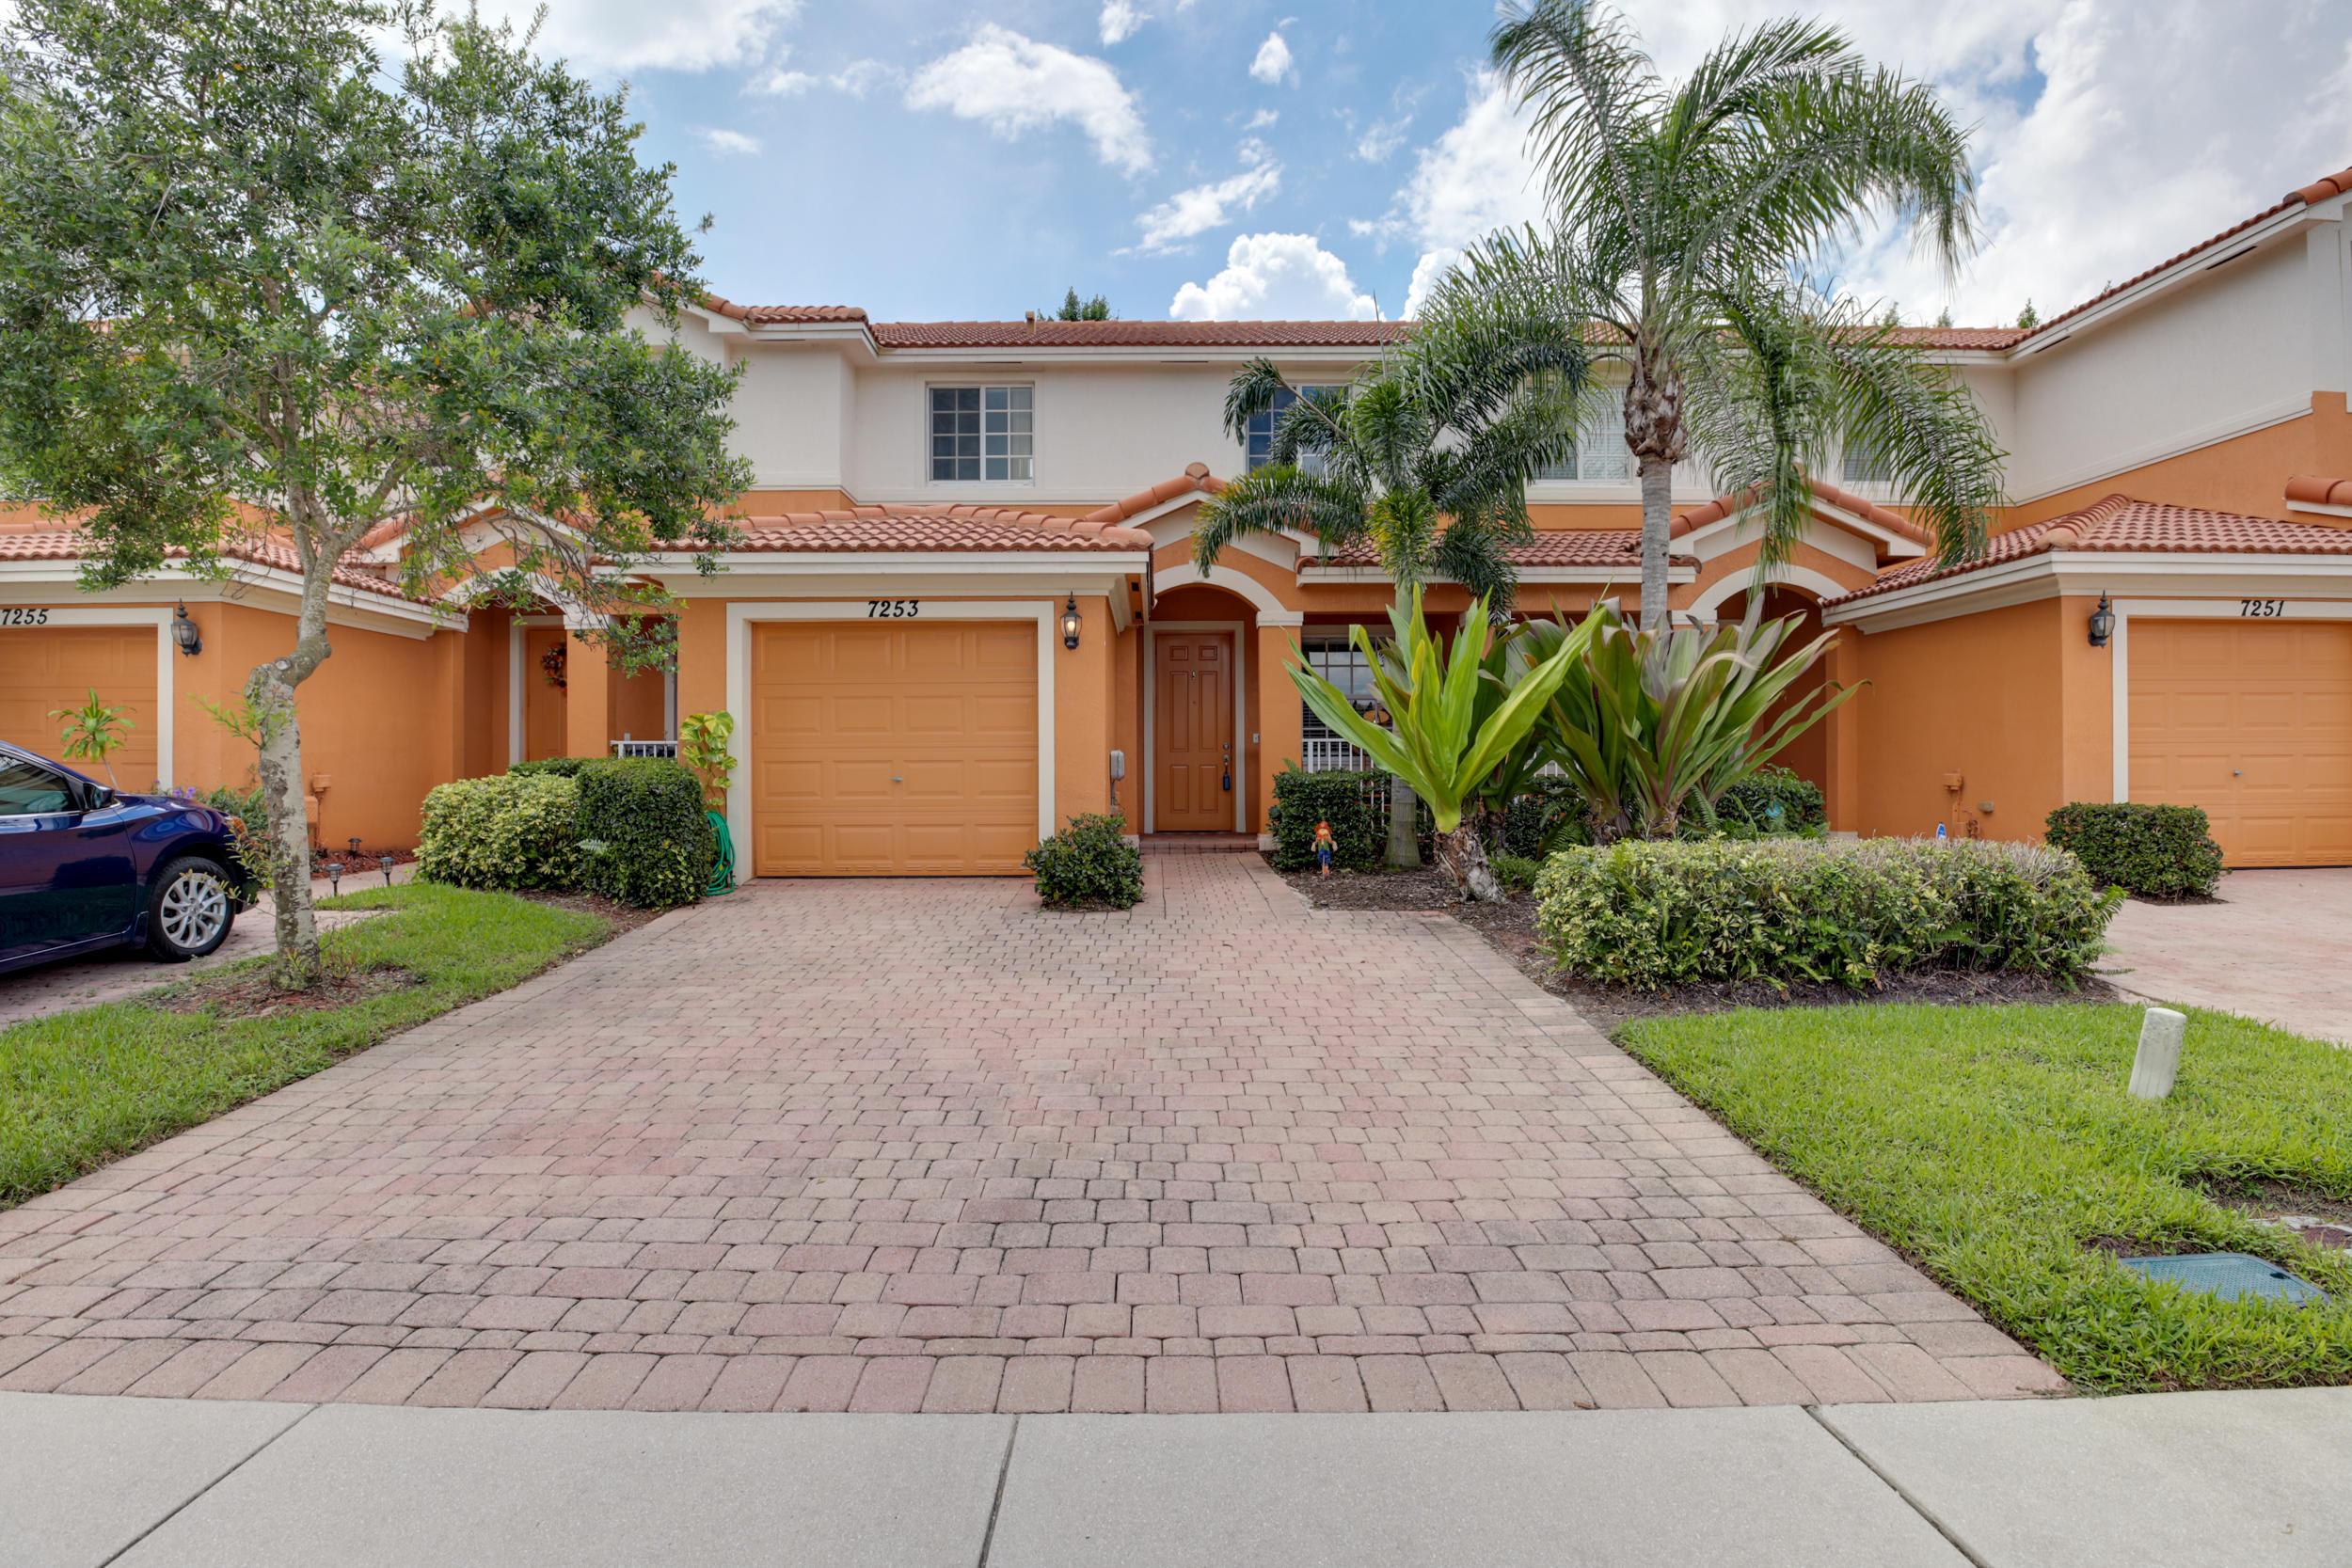 Details for 7253 Briella Drive, Boynton Beach, FL 33437